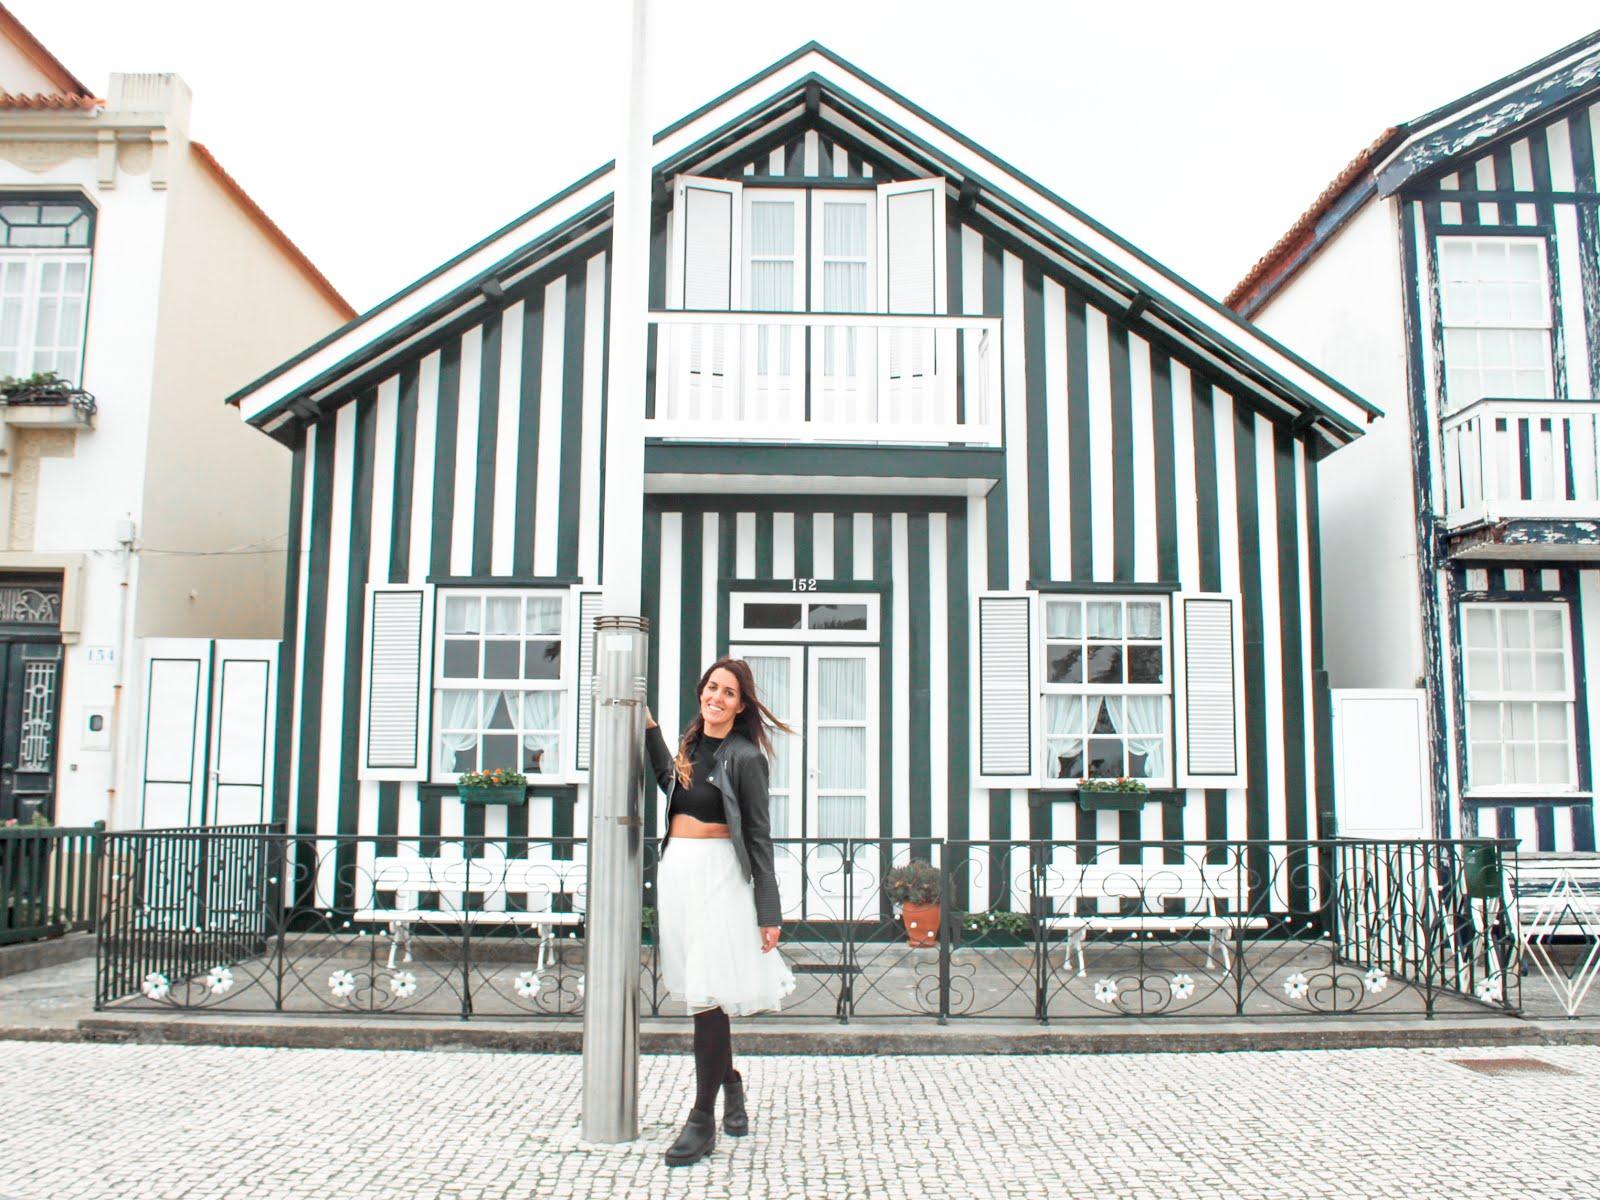 Casas Colores Costa Nova Aveiro